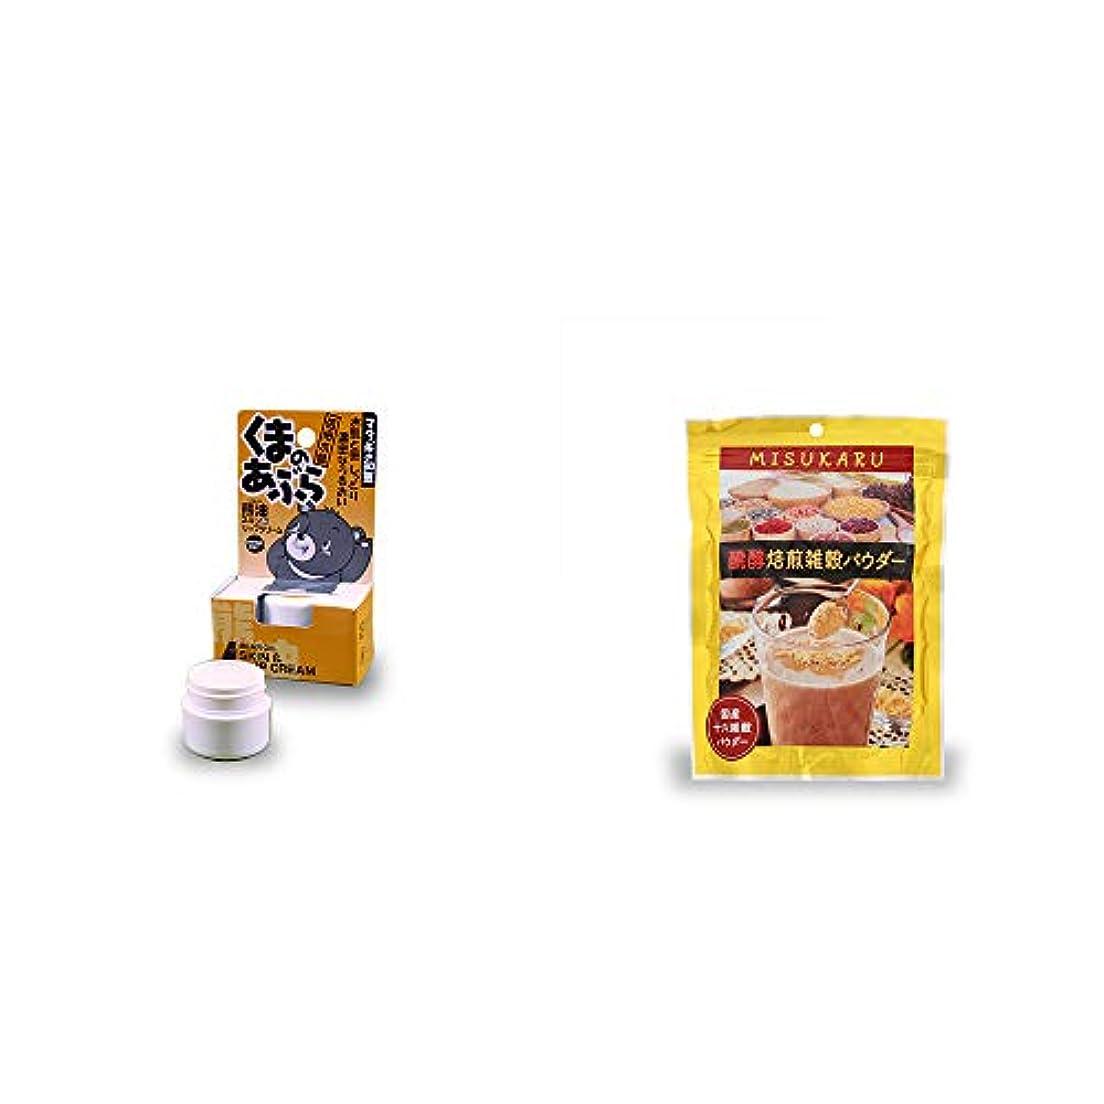 満足耐えられる振りかける[2点セット] 信州木曽 くまのあぶら 熊油スキン&リップクリーム(9g)?醗酵焙煎雑穀パウダー MISUKARU(ミスカル)(200g)